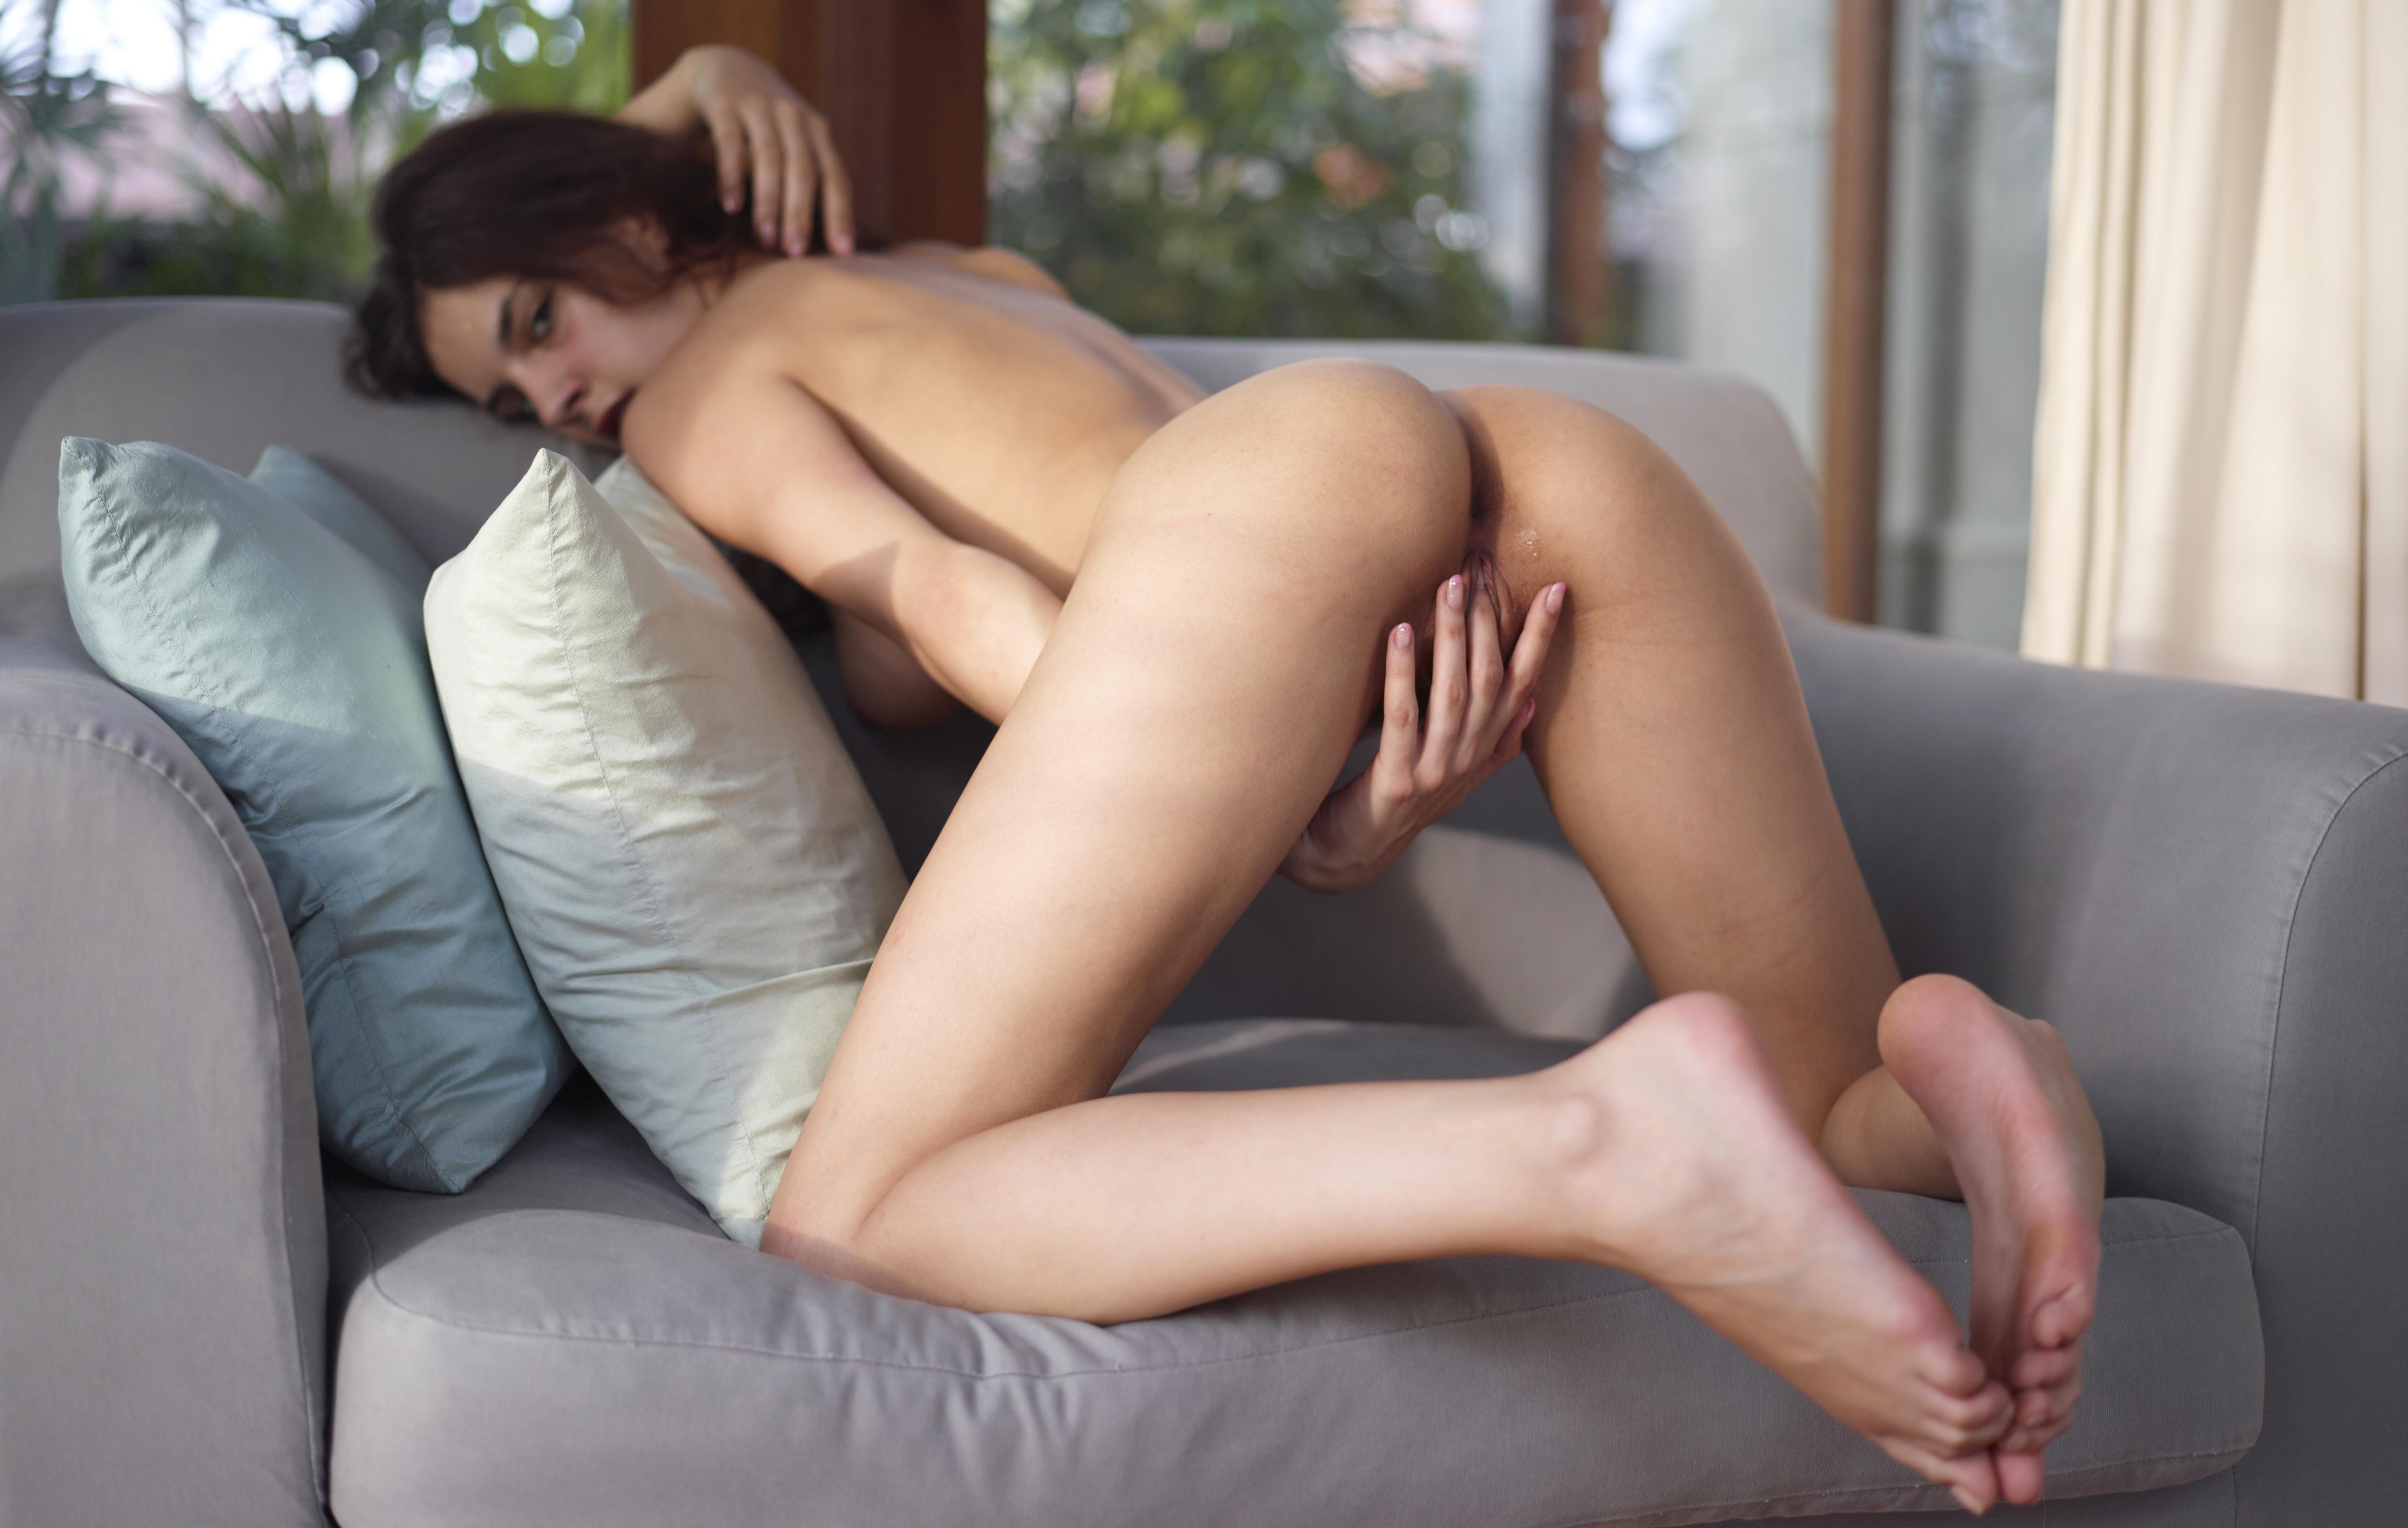 Фото Голая девка ласкает пизду на диване, встала раком, упругая попа, пальчики гладят клитор, скачать картинку бесплатно